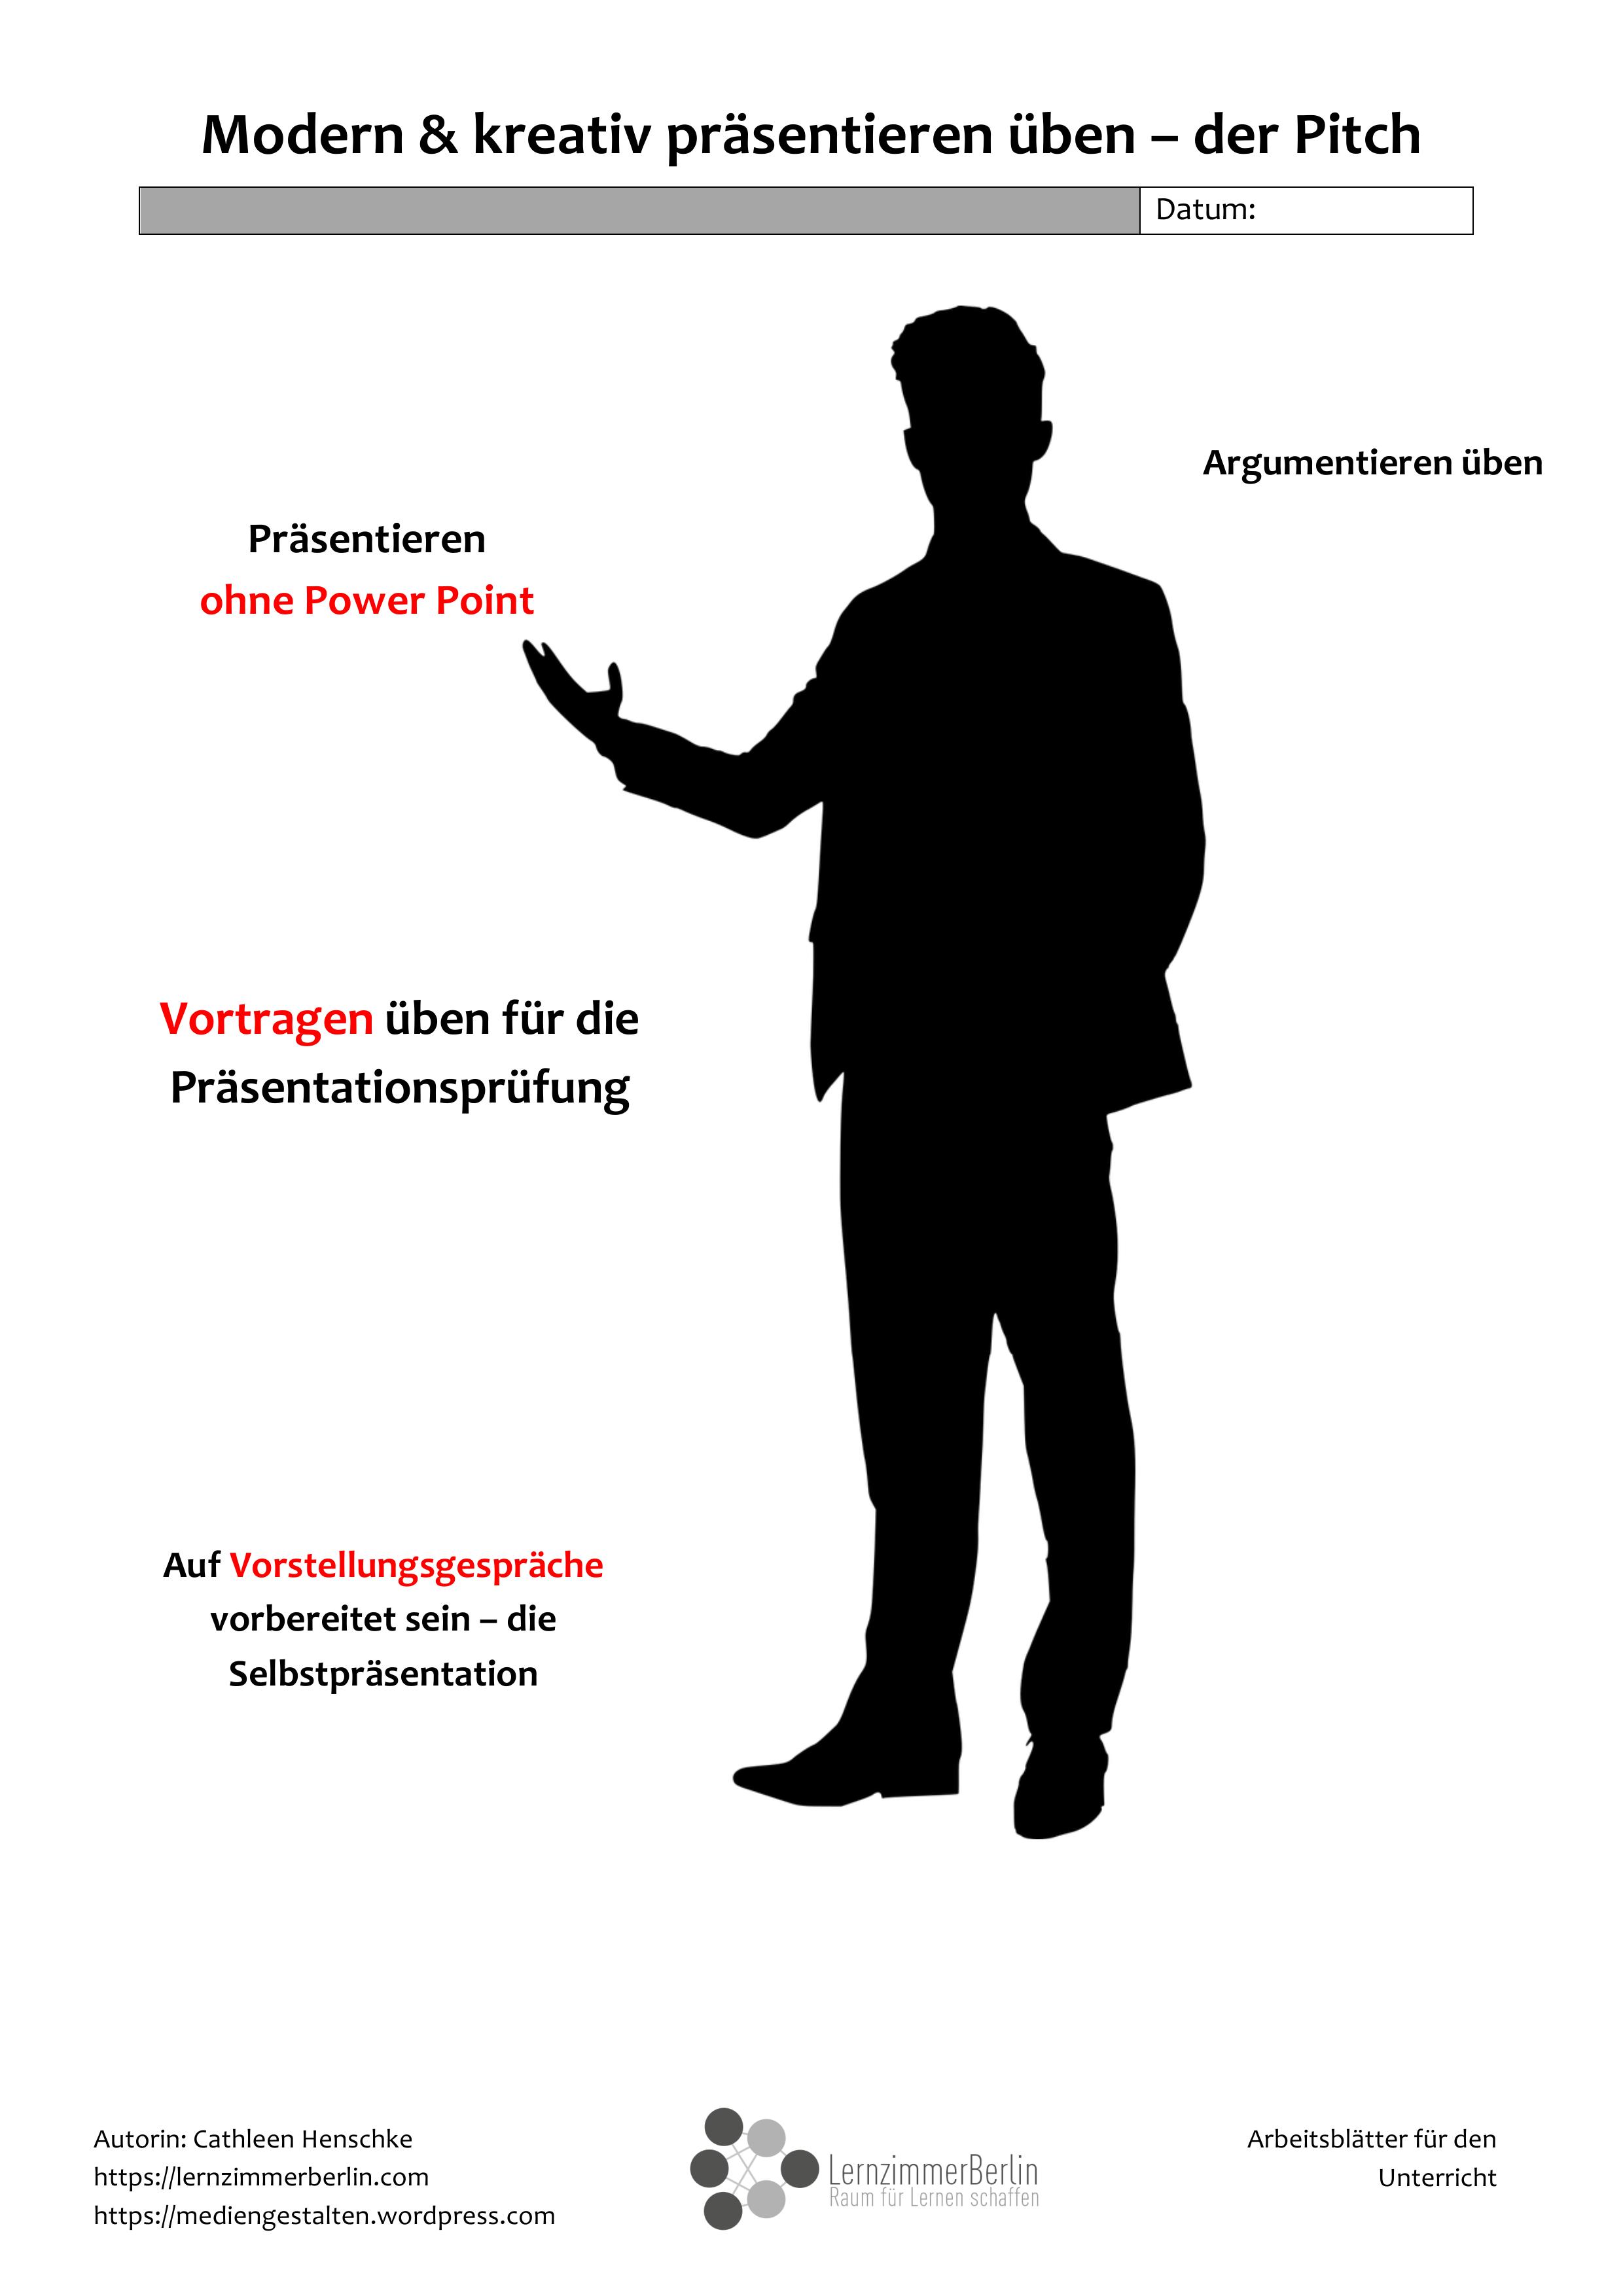 Prasentieren Uben Kurz Knackig Unterrichtsmaterial In Den Fachern Arbeitslehre Deutsch Wirtschaft Lernen Berufsorientierung Unterrichtsmaterial